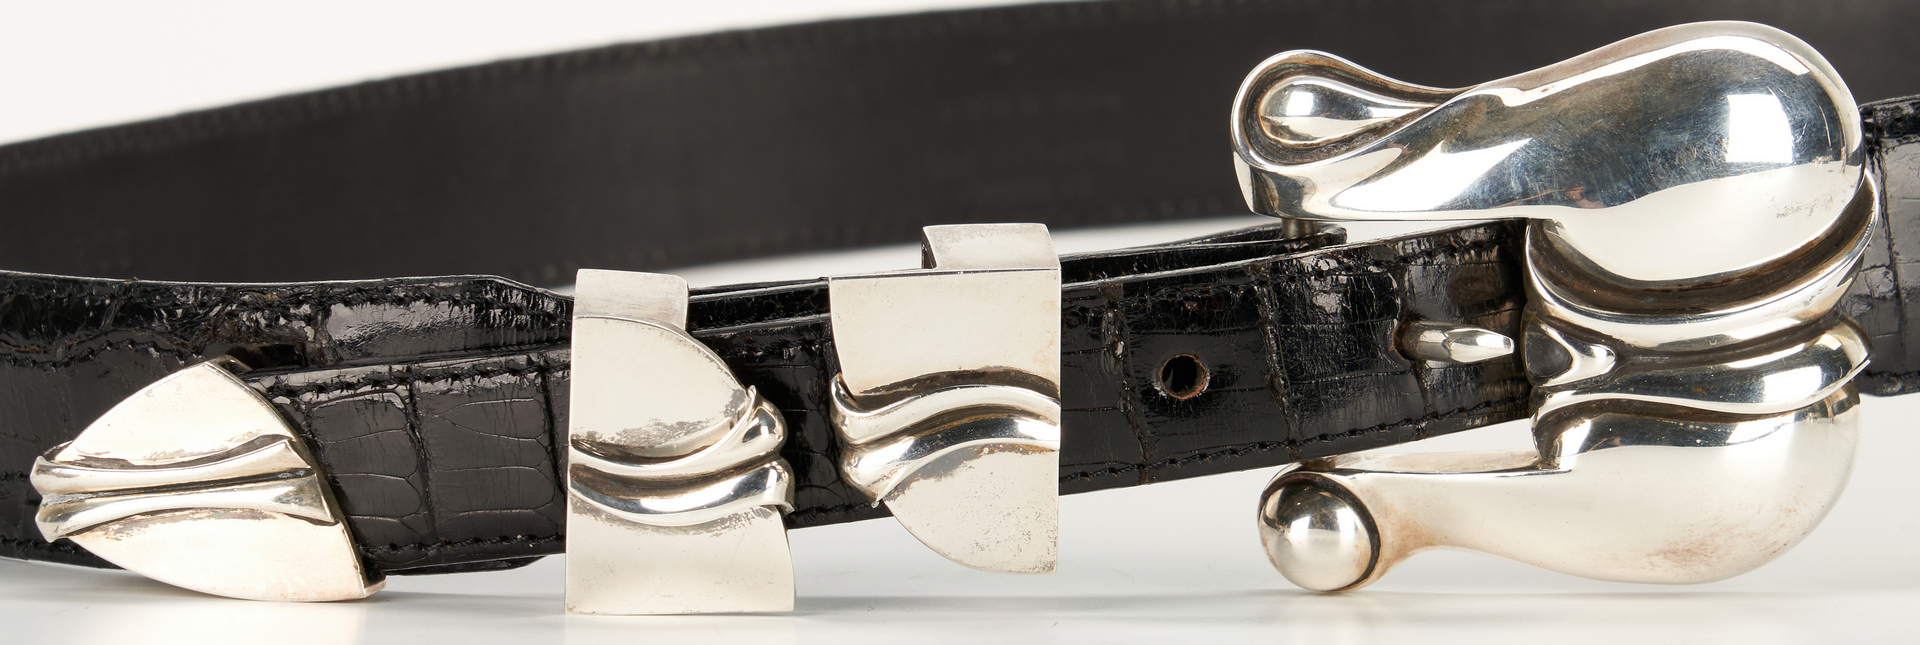 Lot 714: 9 Kieselstein-Cord items, incl. 1 3-pc. belt set